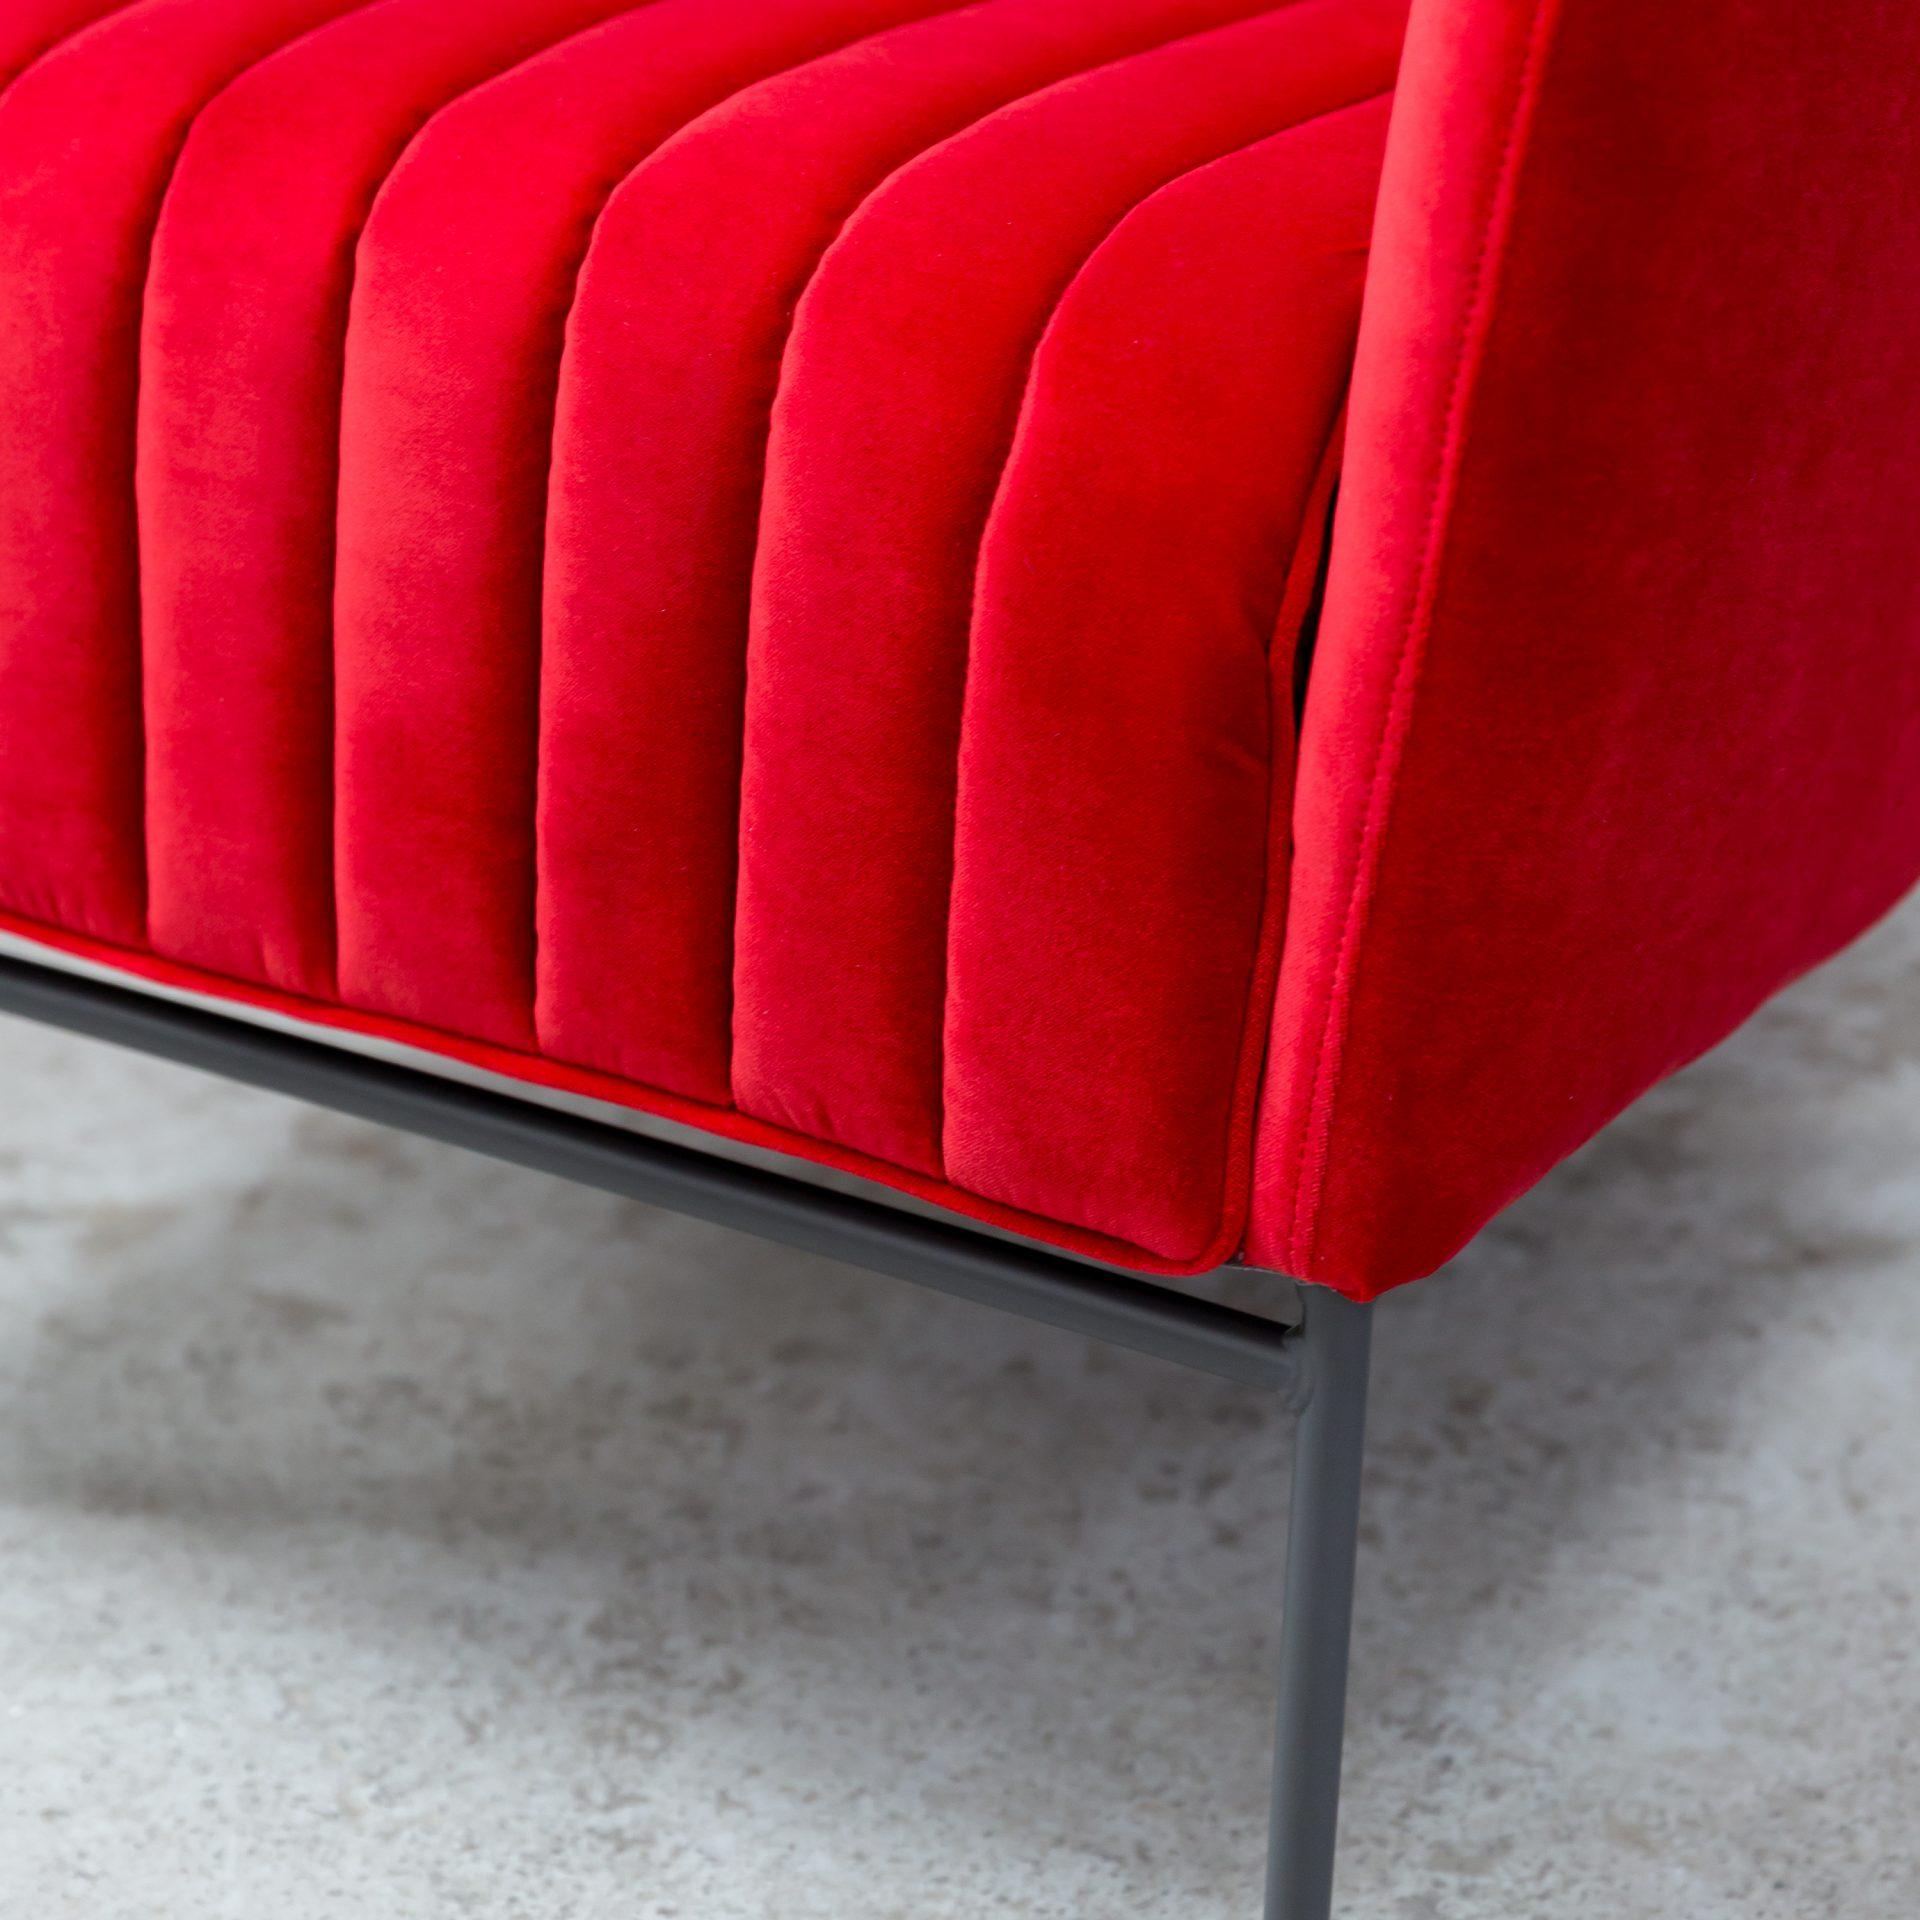 Stunning Red Velvet Armchair On Black Gloss Legs.